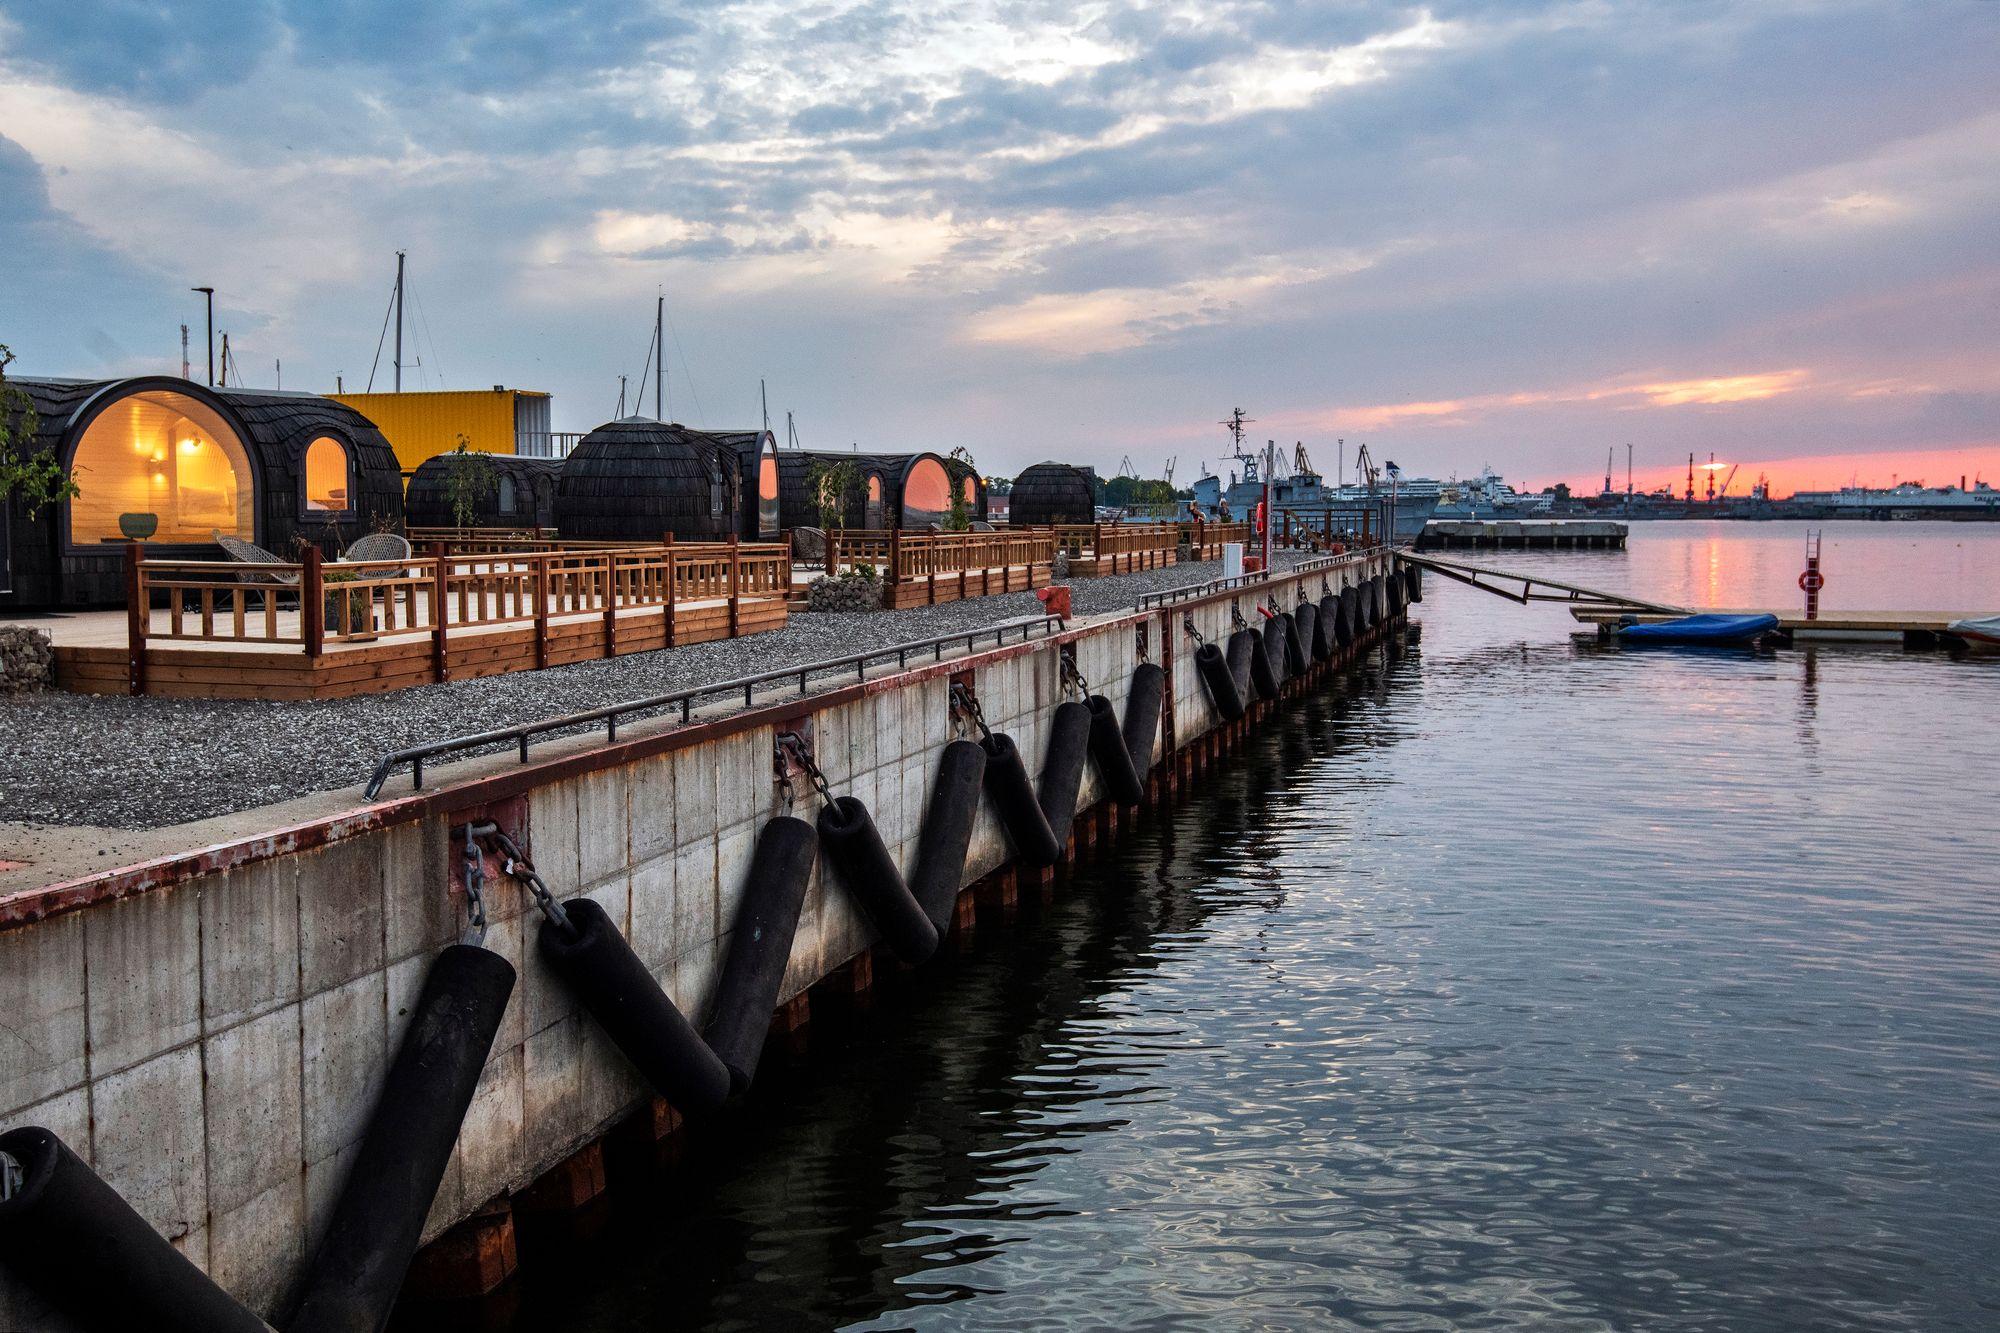 Igluparkin saunoista tarkenee pulahtaa mereen vielä syksylläkin. © Visit Estonia